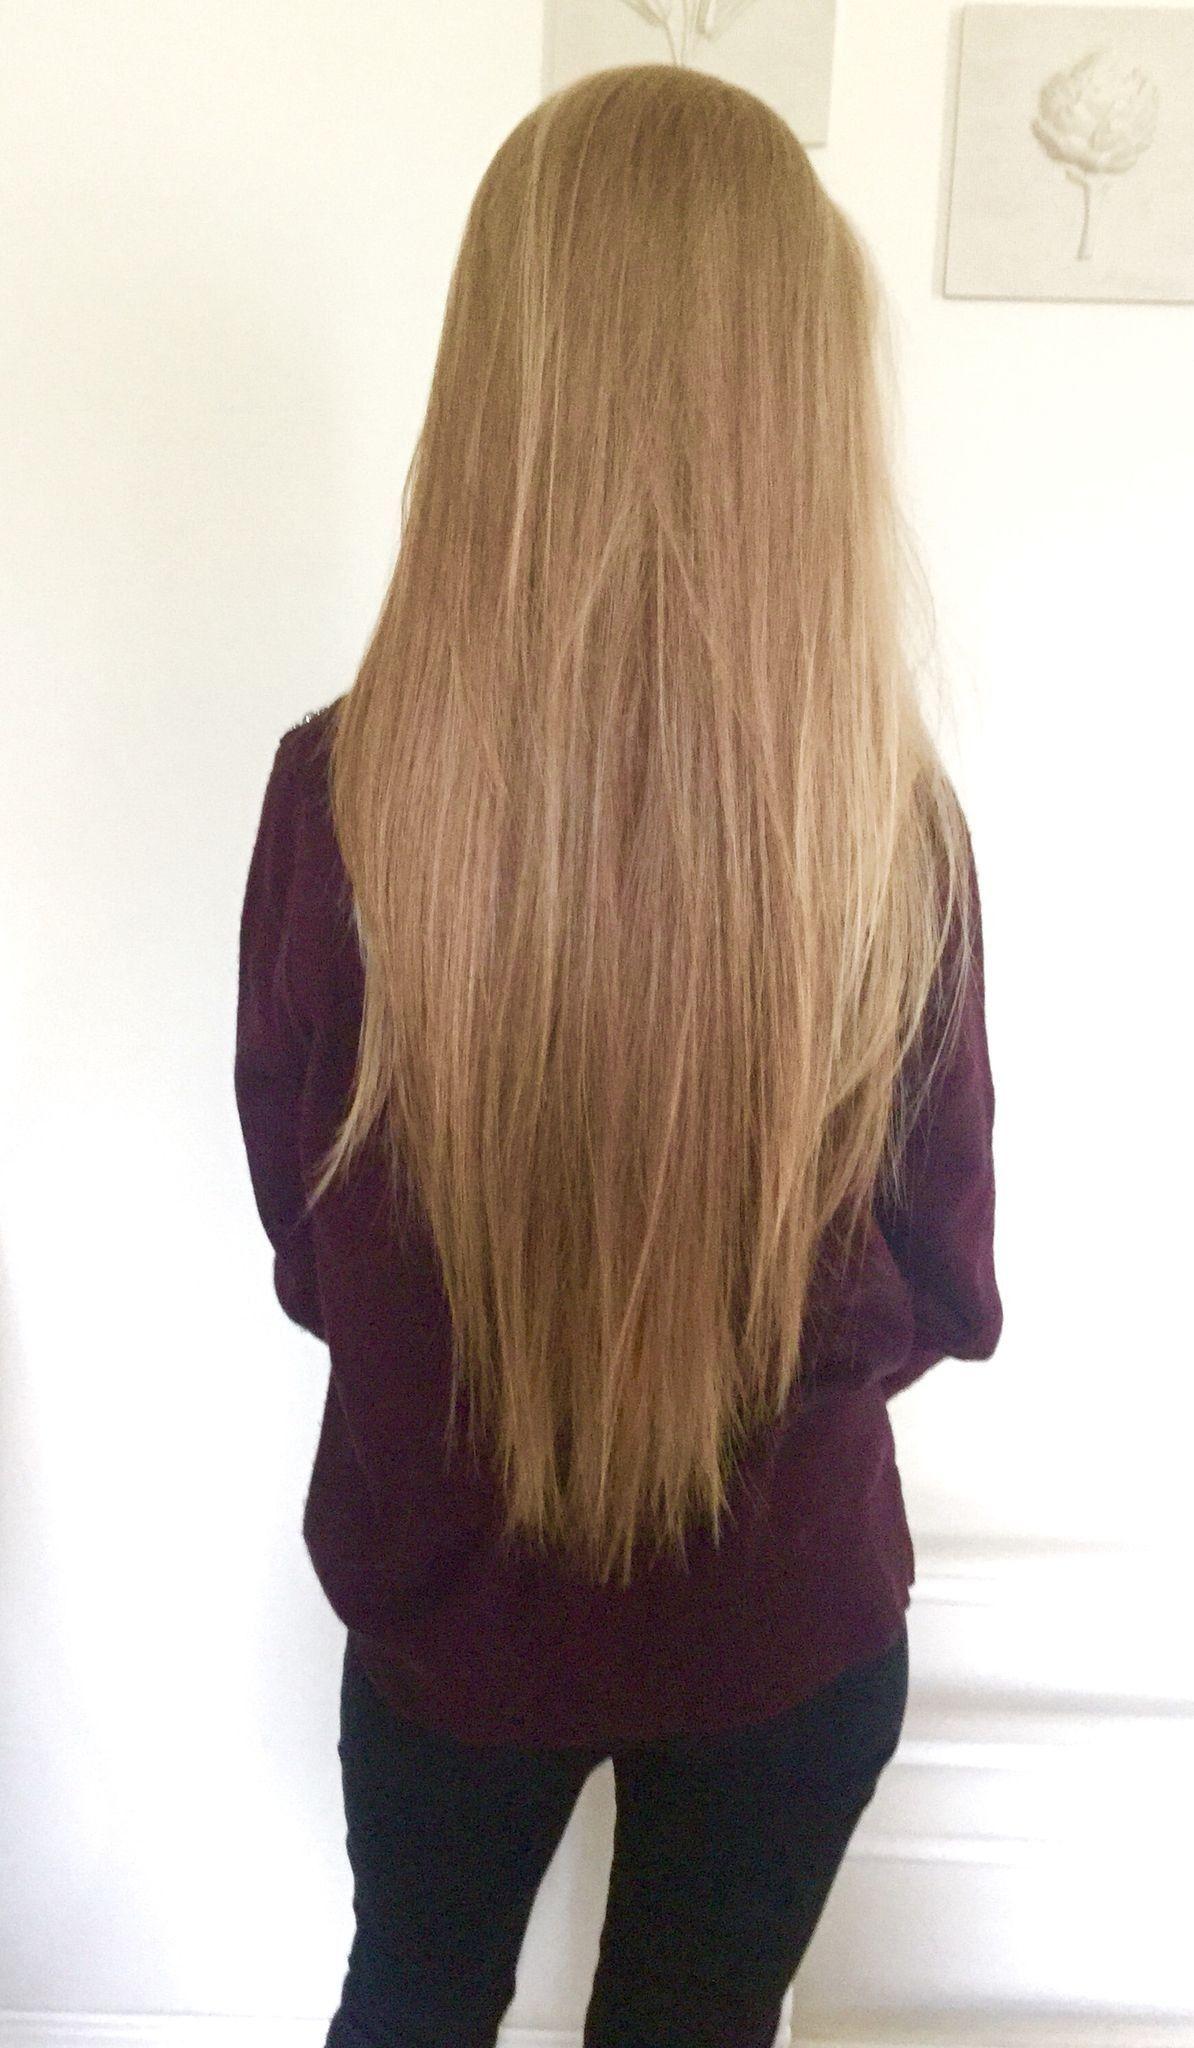 Frisuren V Schnitt - Frisurentrends  Langt rett hår